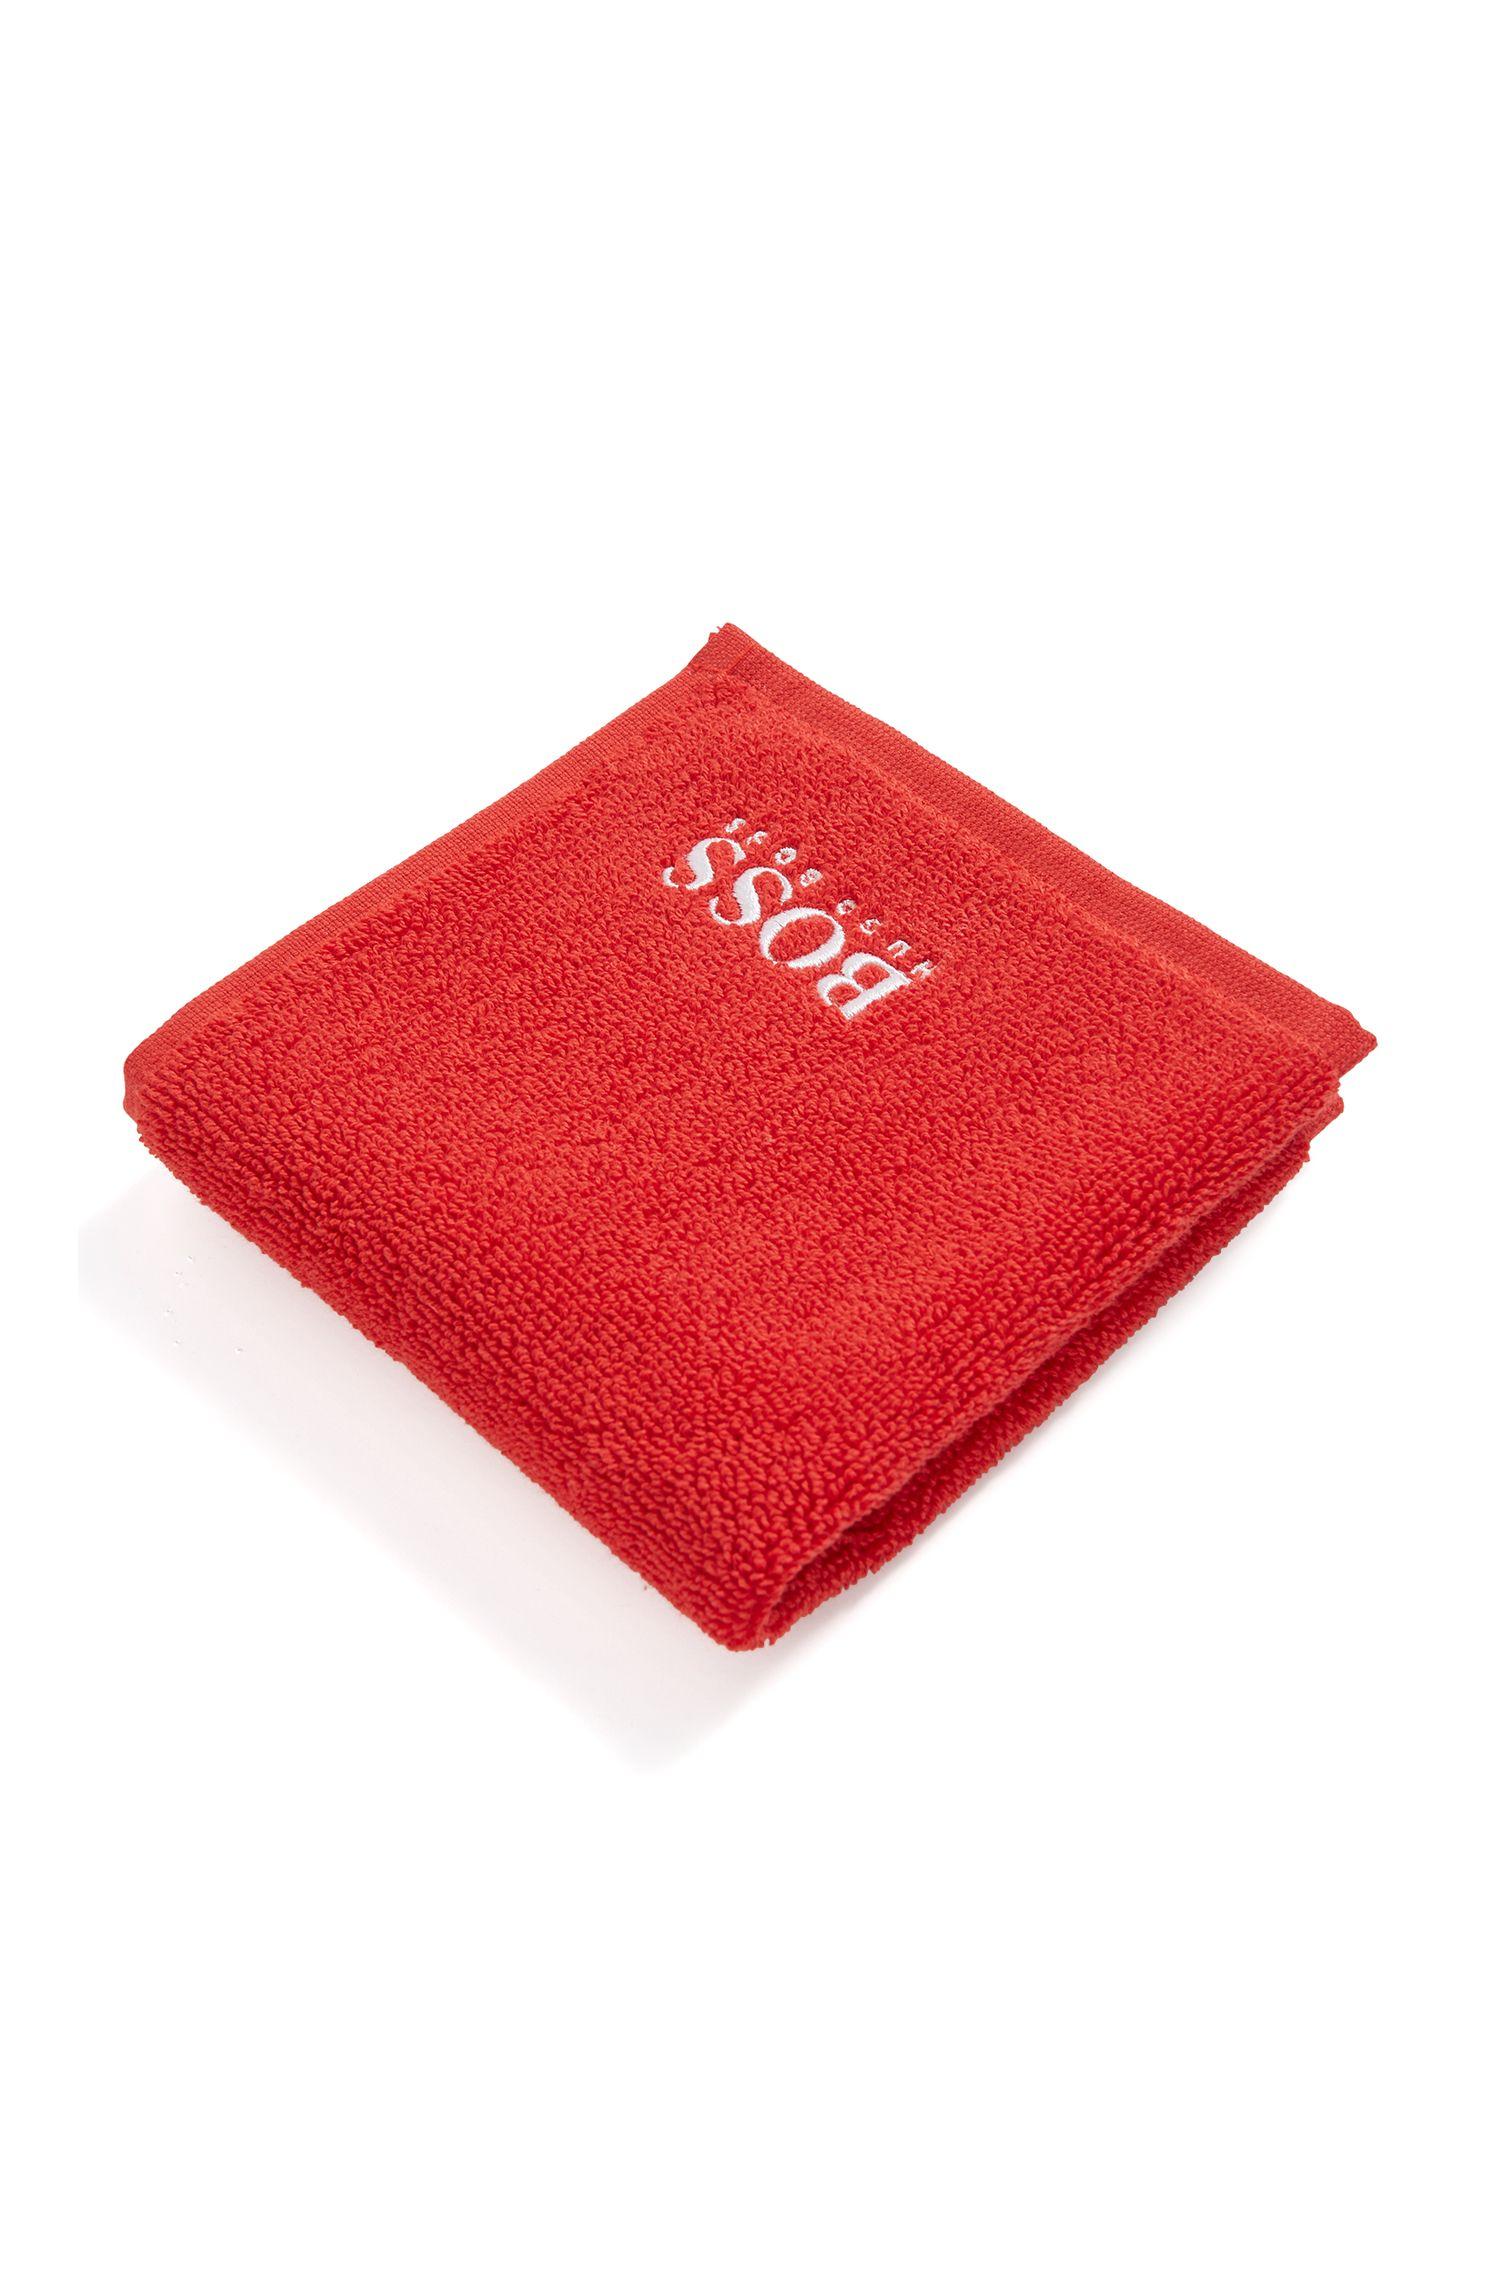 Serviette de toilette pour le visage en coton égyptien des plus raffinés avec logo brodé, Rouge